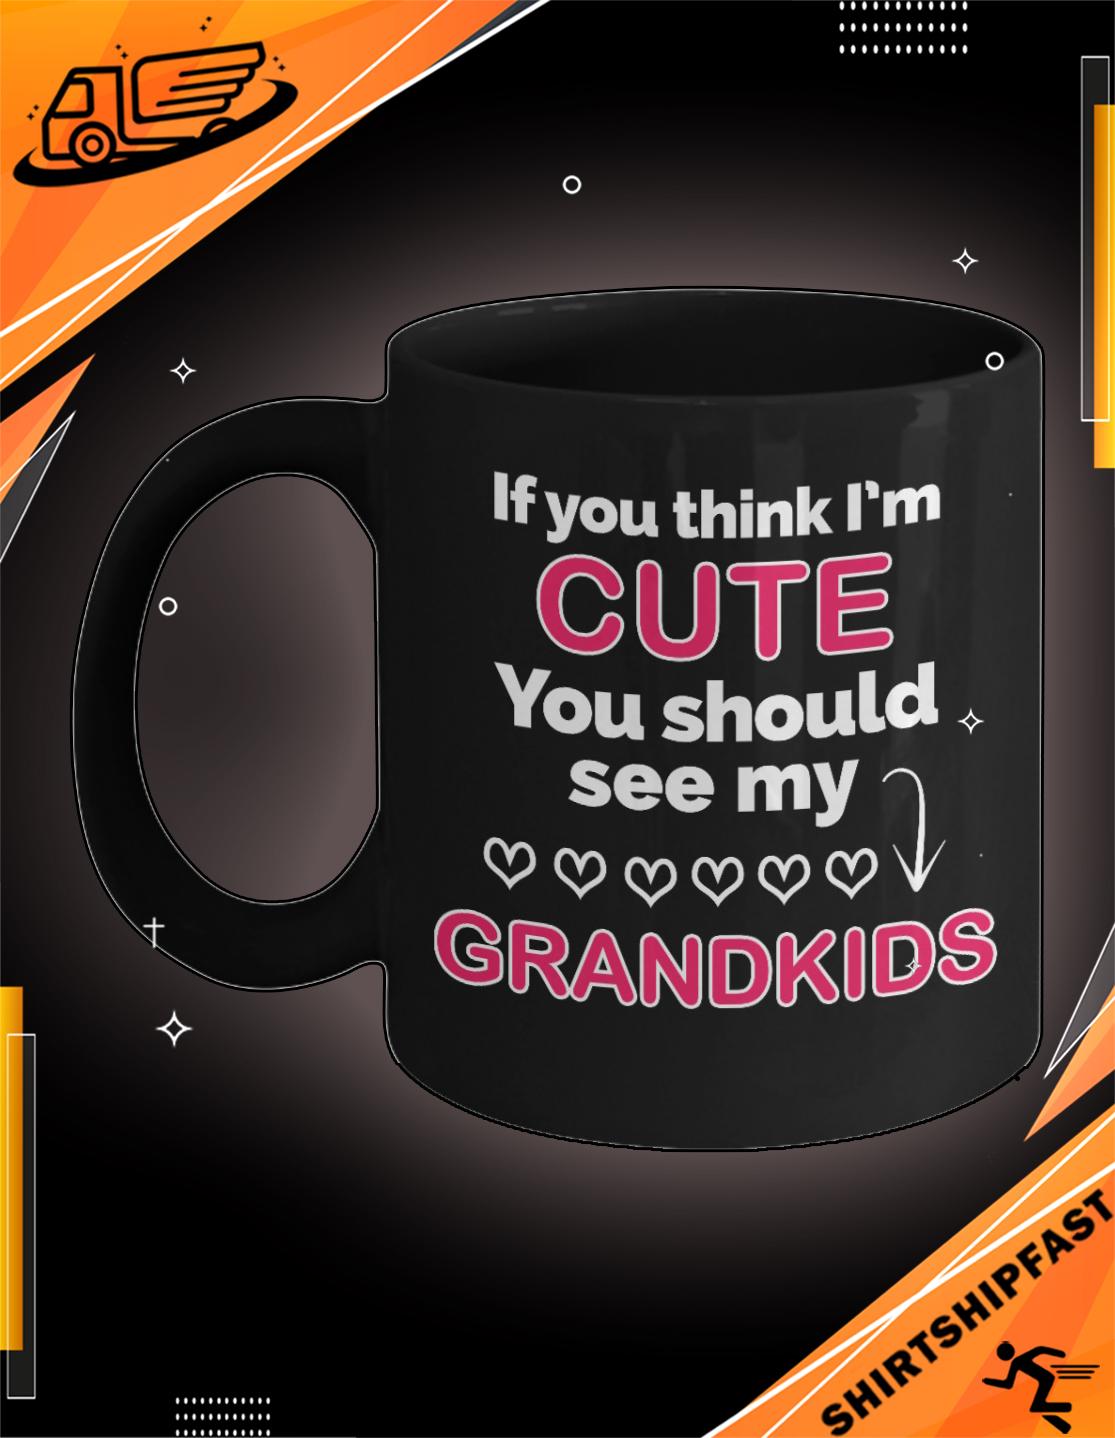 If you think I'm cute you should see my grandkids mug